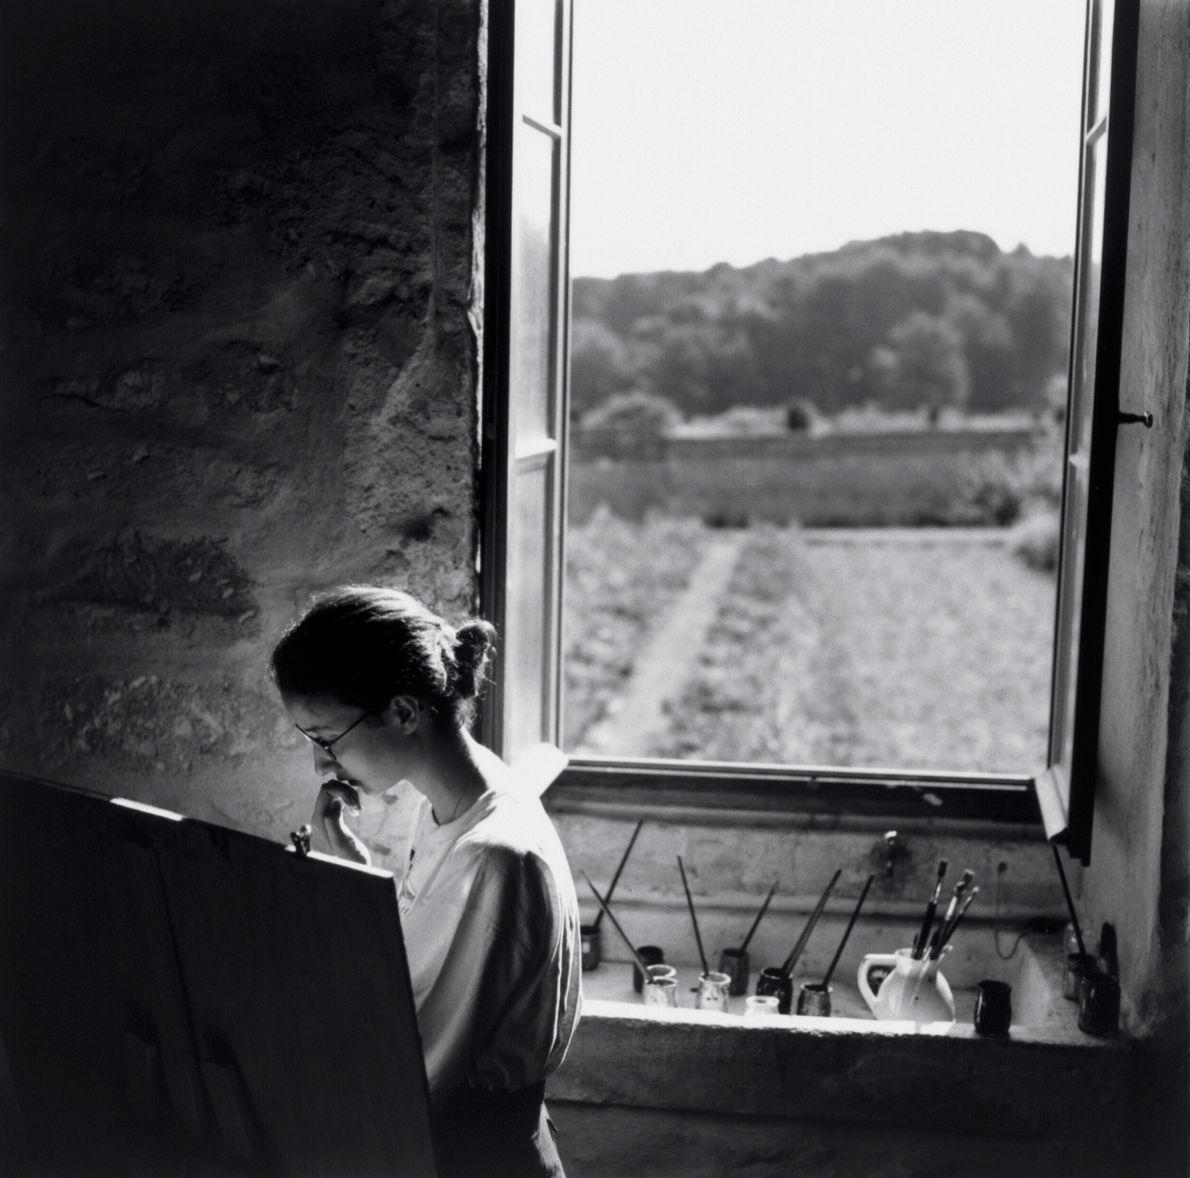 foto pb de mulher pintando um quadro a luz da janela